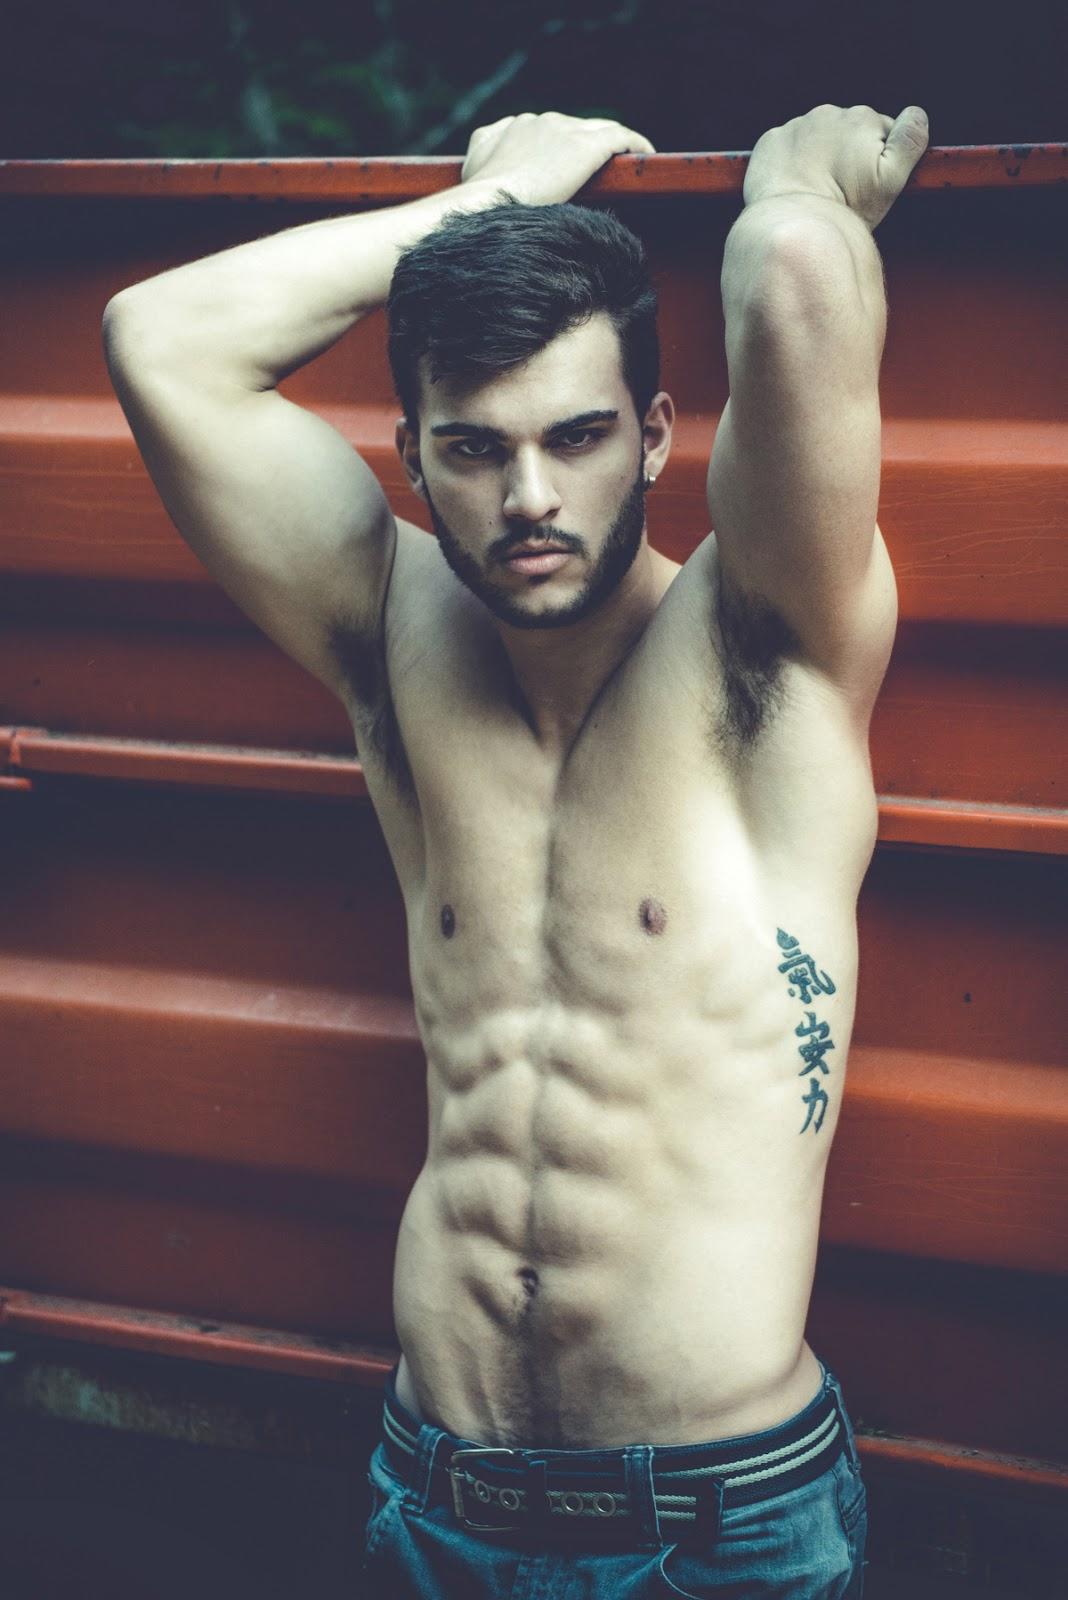 Junior Neves posa completamente nu em ensaio sensual com